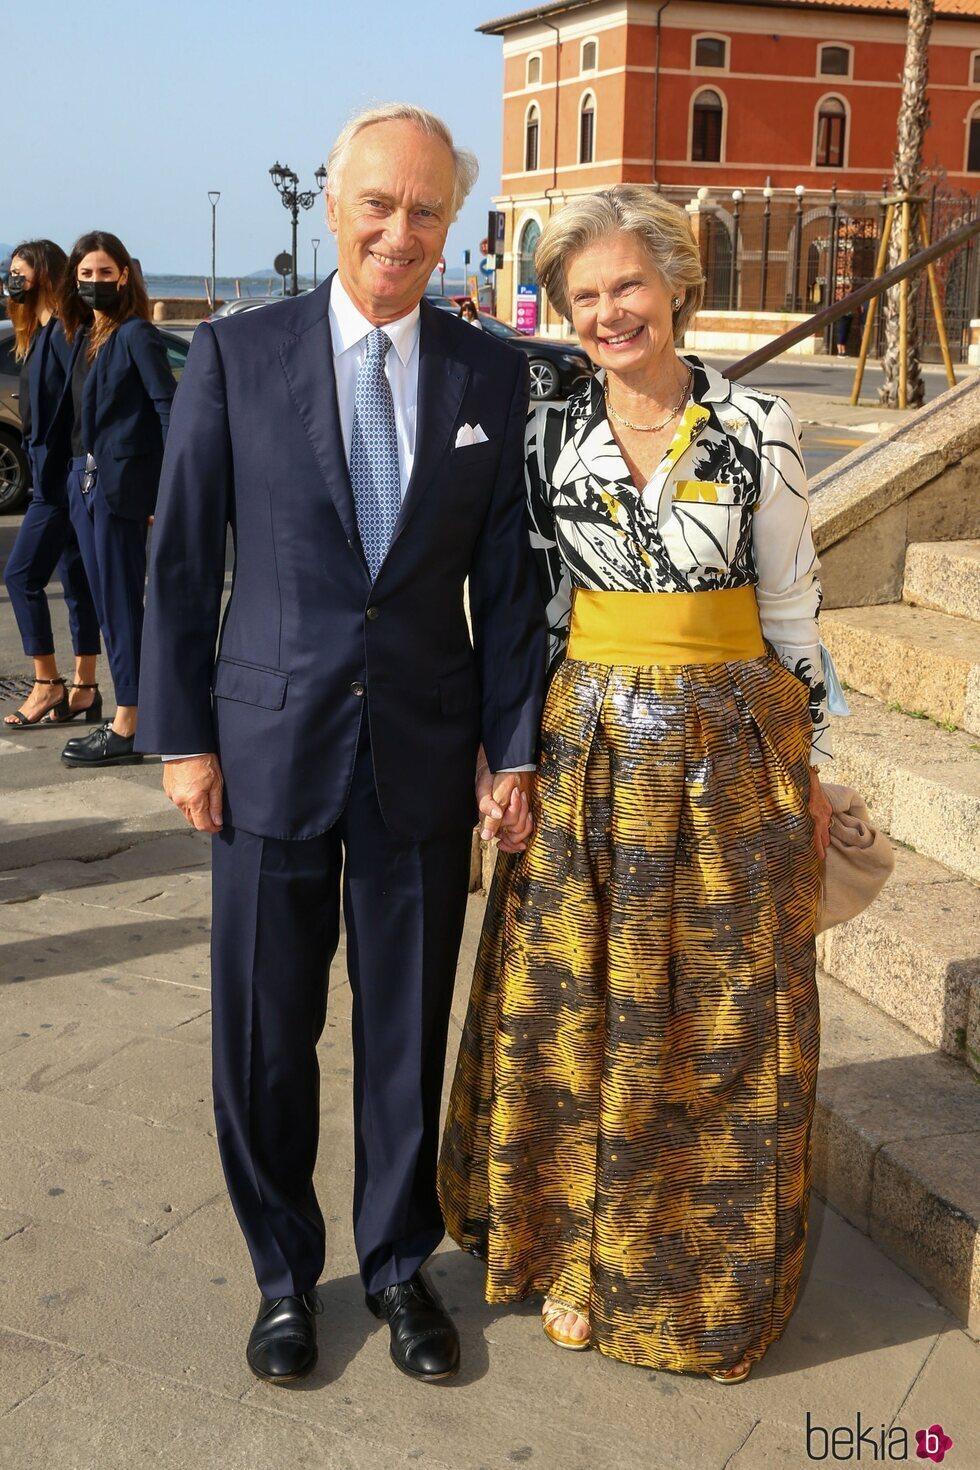 Christian de Habsburgo y Marie-Astrid de Luxemburgo en la boda de Marie Astrid de Liechtenstein y Ralph Worthington